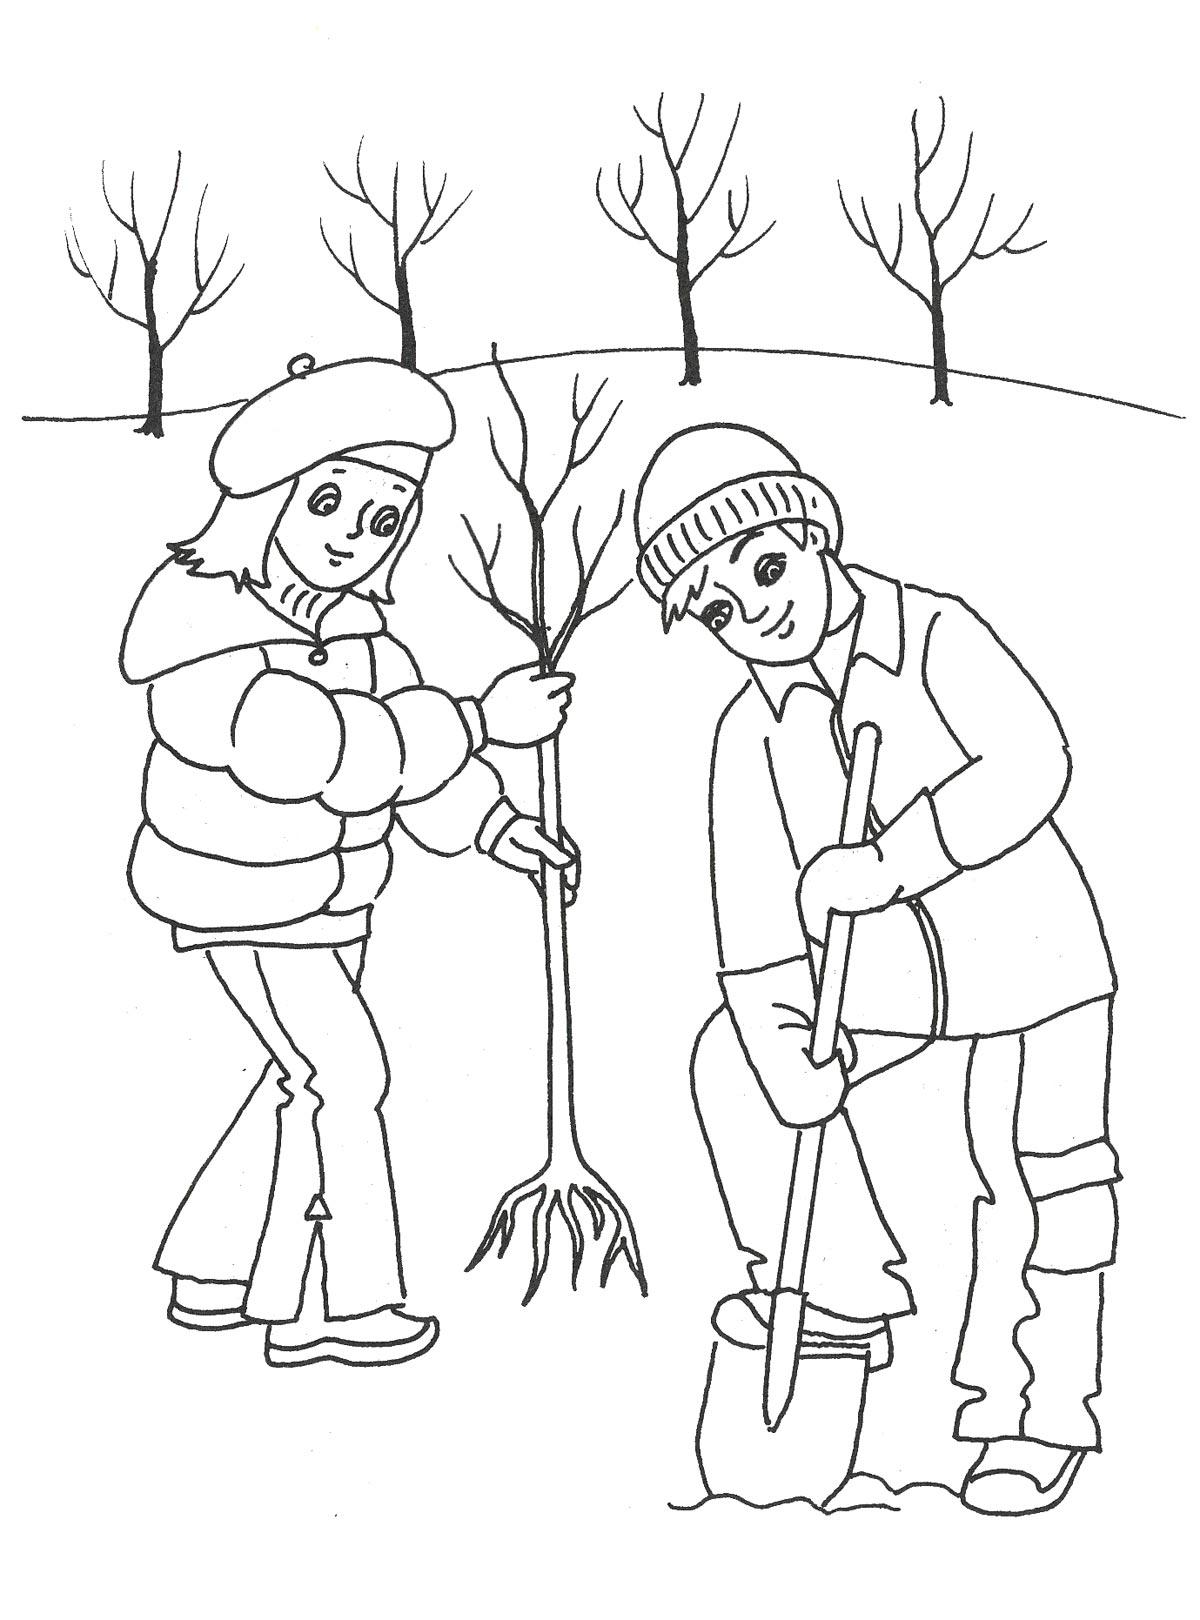 раскраски на тему день труда             раскраски на тему день труда для мальчиков и девочек. Интересные раскраски на день труда для детей и взрослых. Раскраски с днем труда